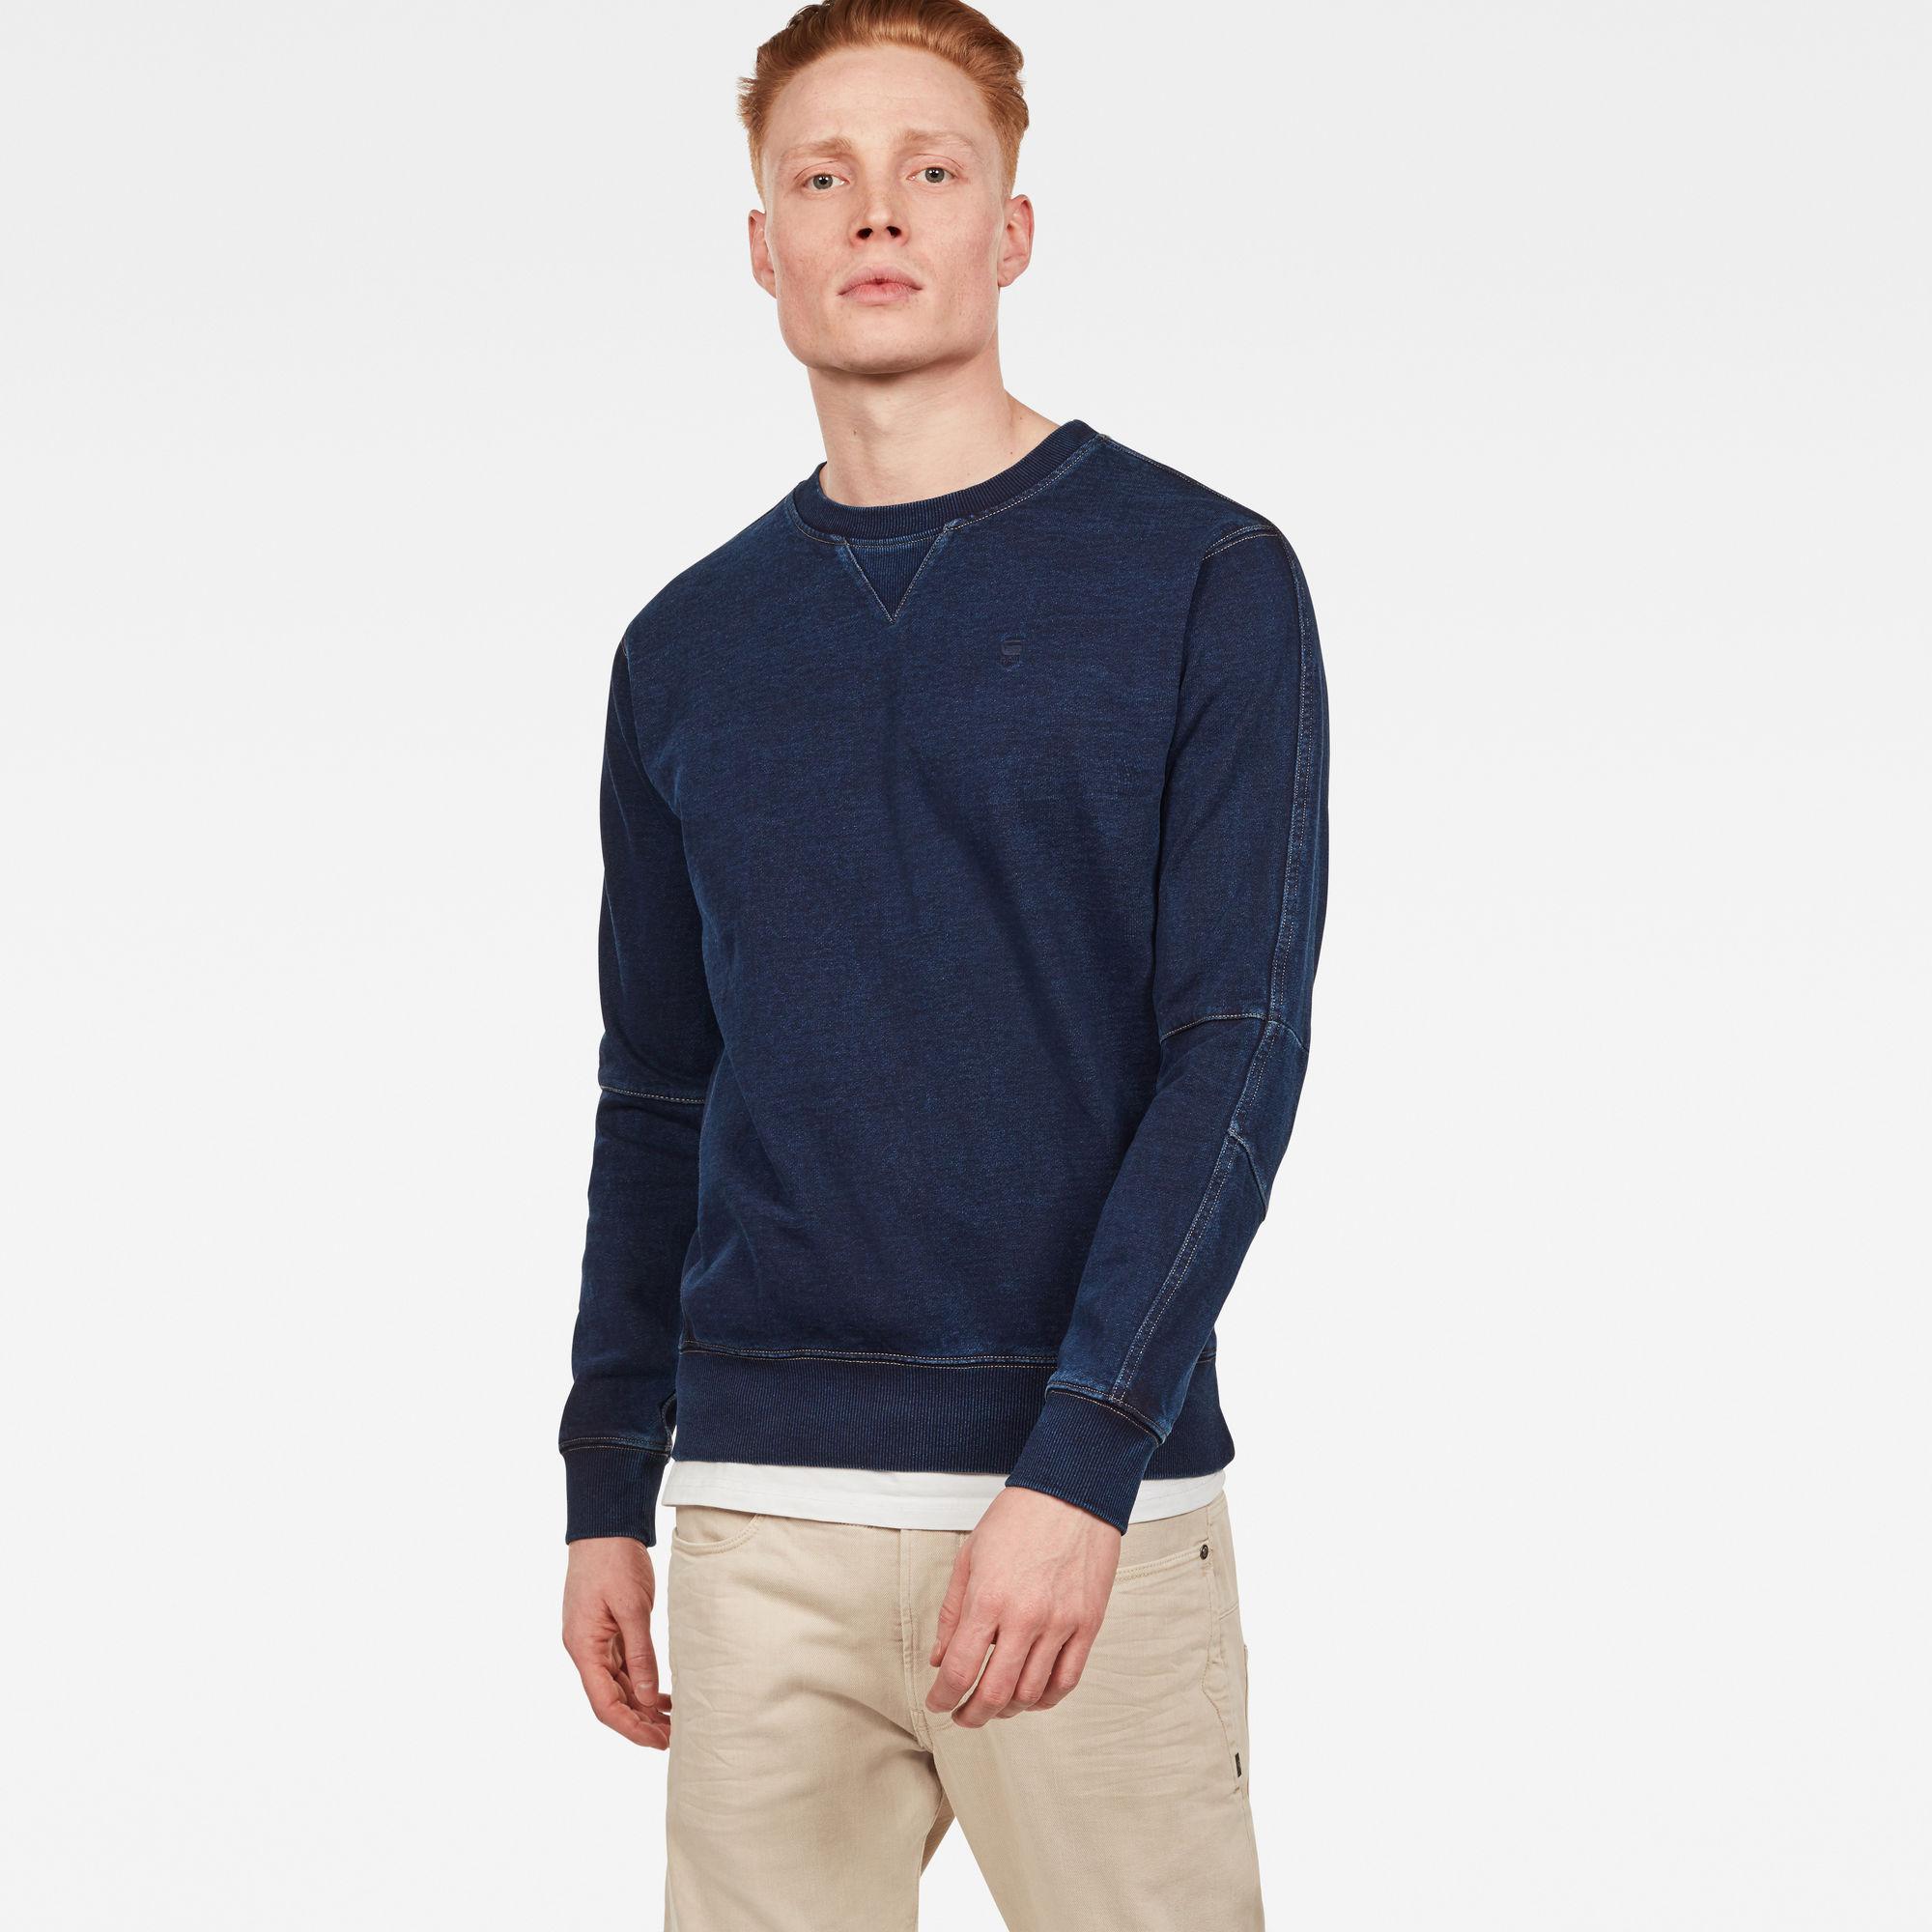 Van G Star Raw 5621 Korpaz Sweater Prijsvergelijk nu!